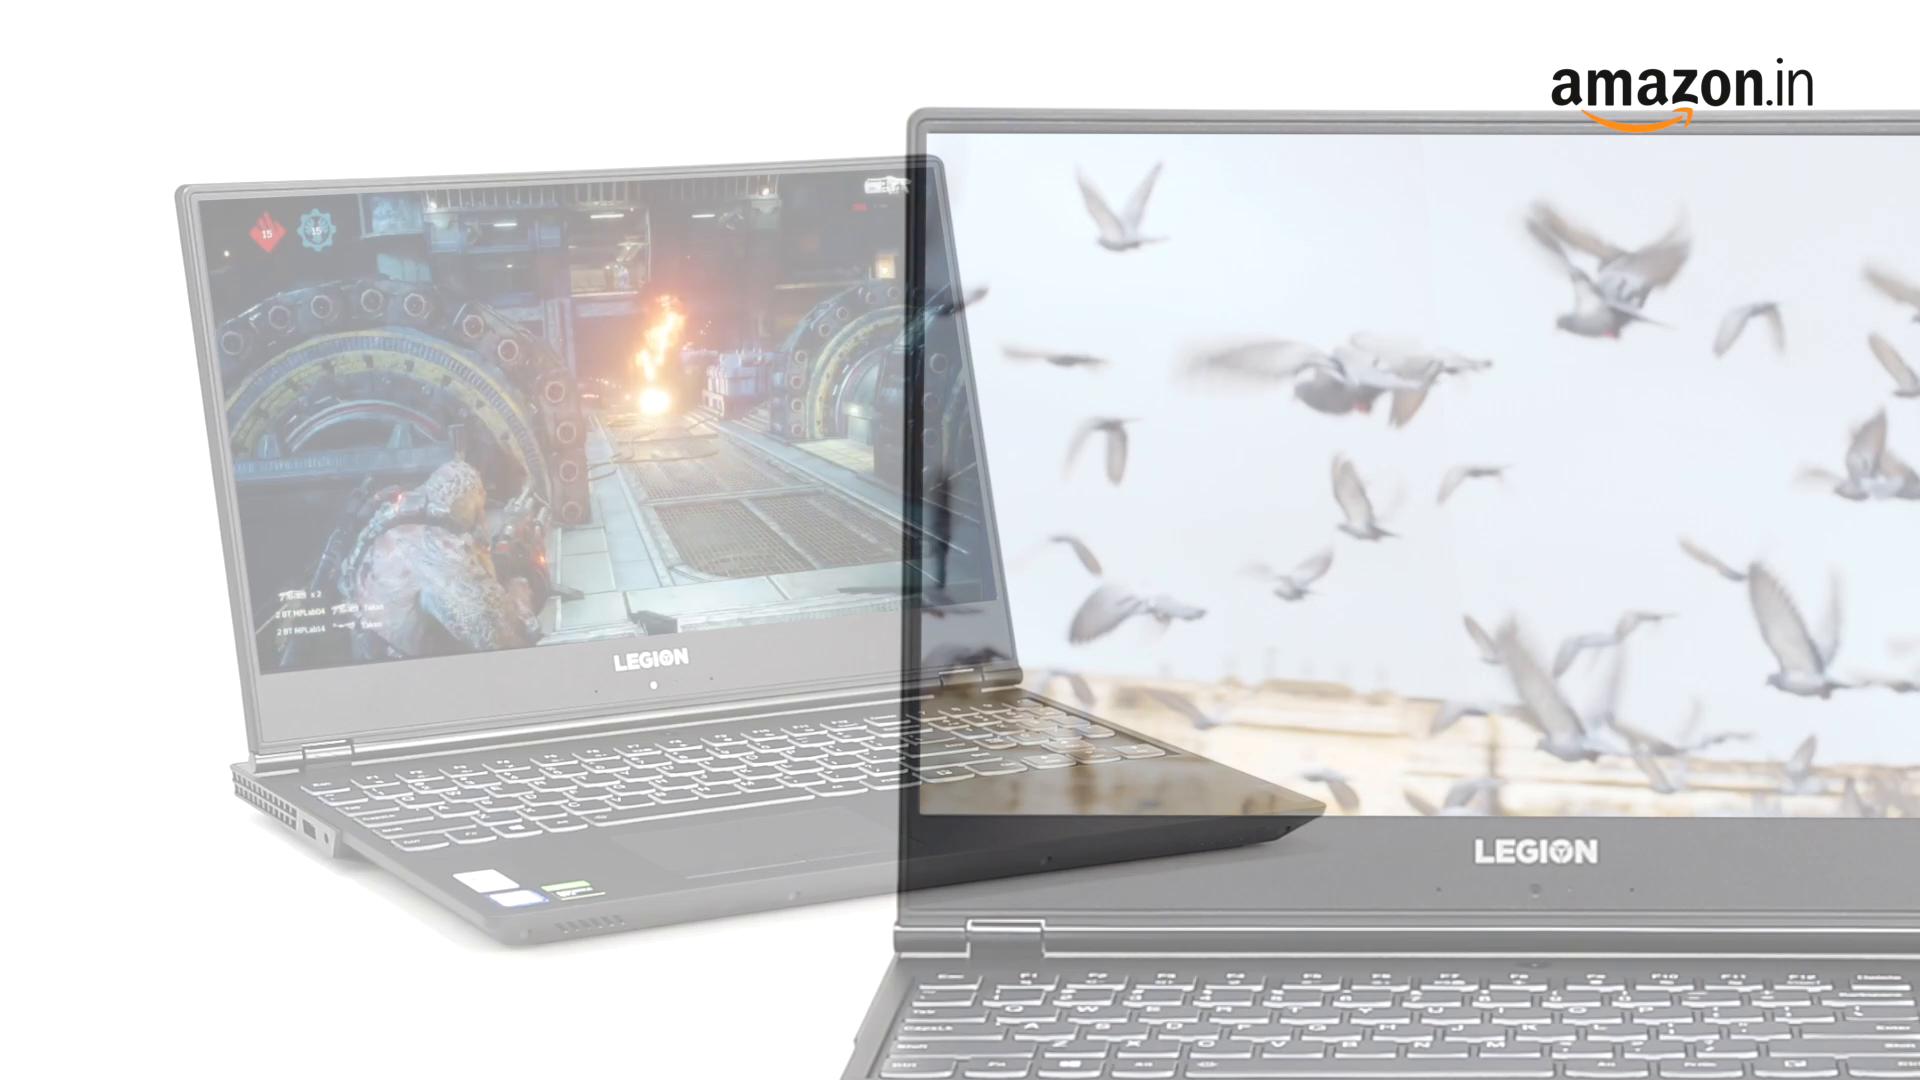 Lenovo Legion Y540 9th gen Intel Core i7 15.6-inch FHD Gaming Laptop (16GB/1TB SSD/Windows 10/NVIDA GTX 1650 4GB/Black/2.3Kg), 81SY00EVIN